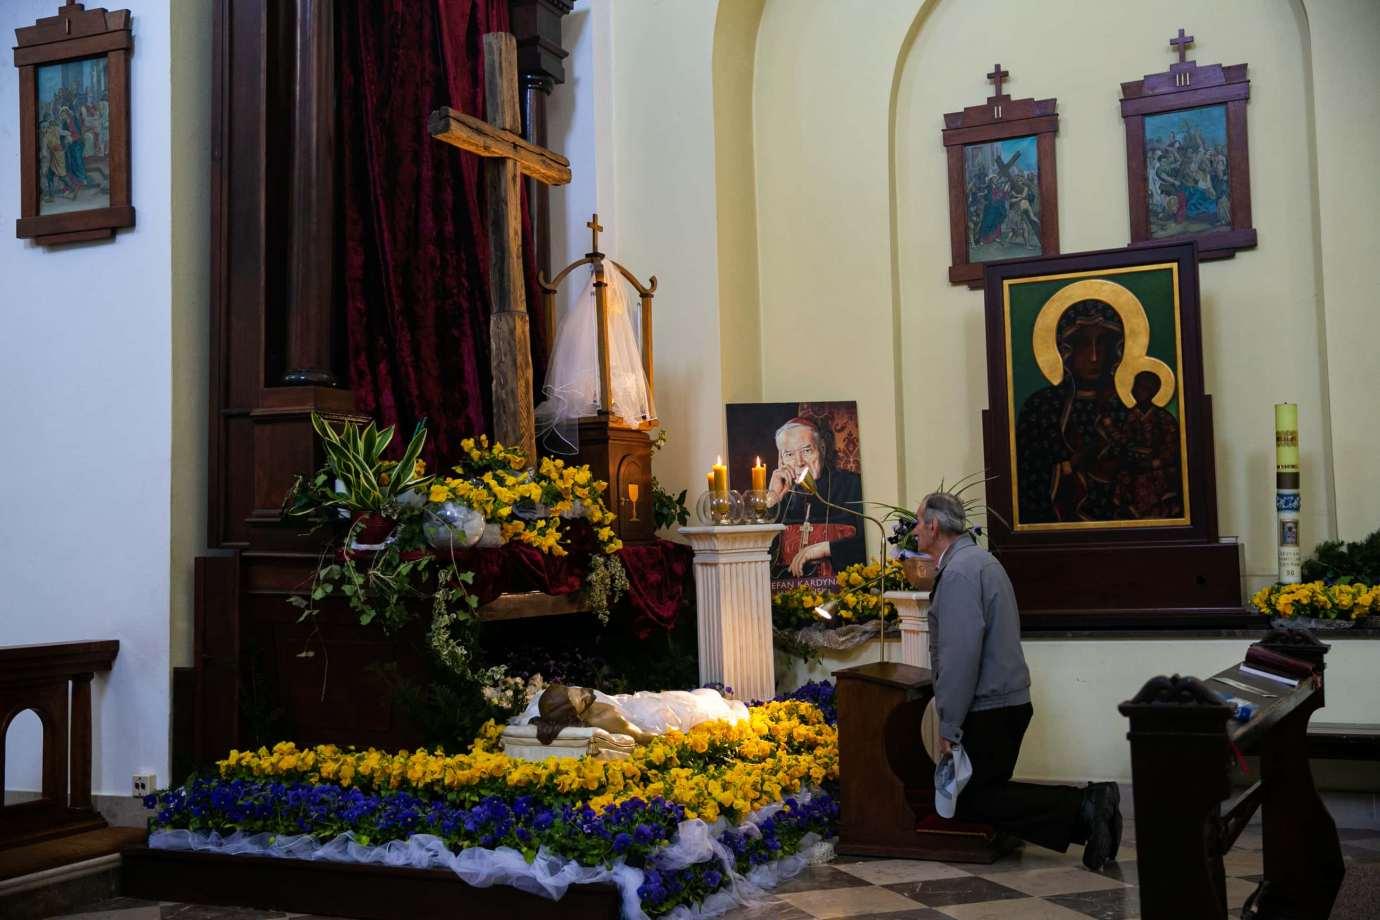 kosciol rektoralny pw sw katarzyny w zamosciu 11 Zdjęcia grobów pańskich w zamojskich świątyniach